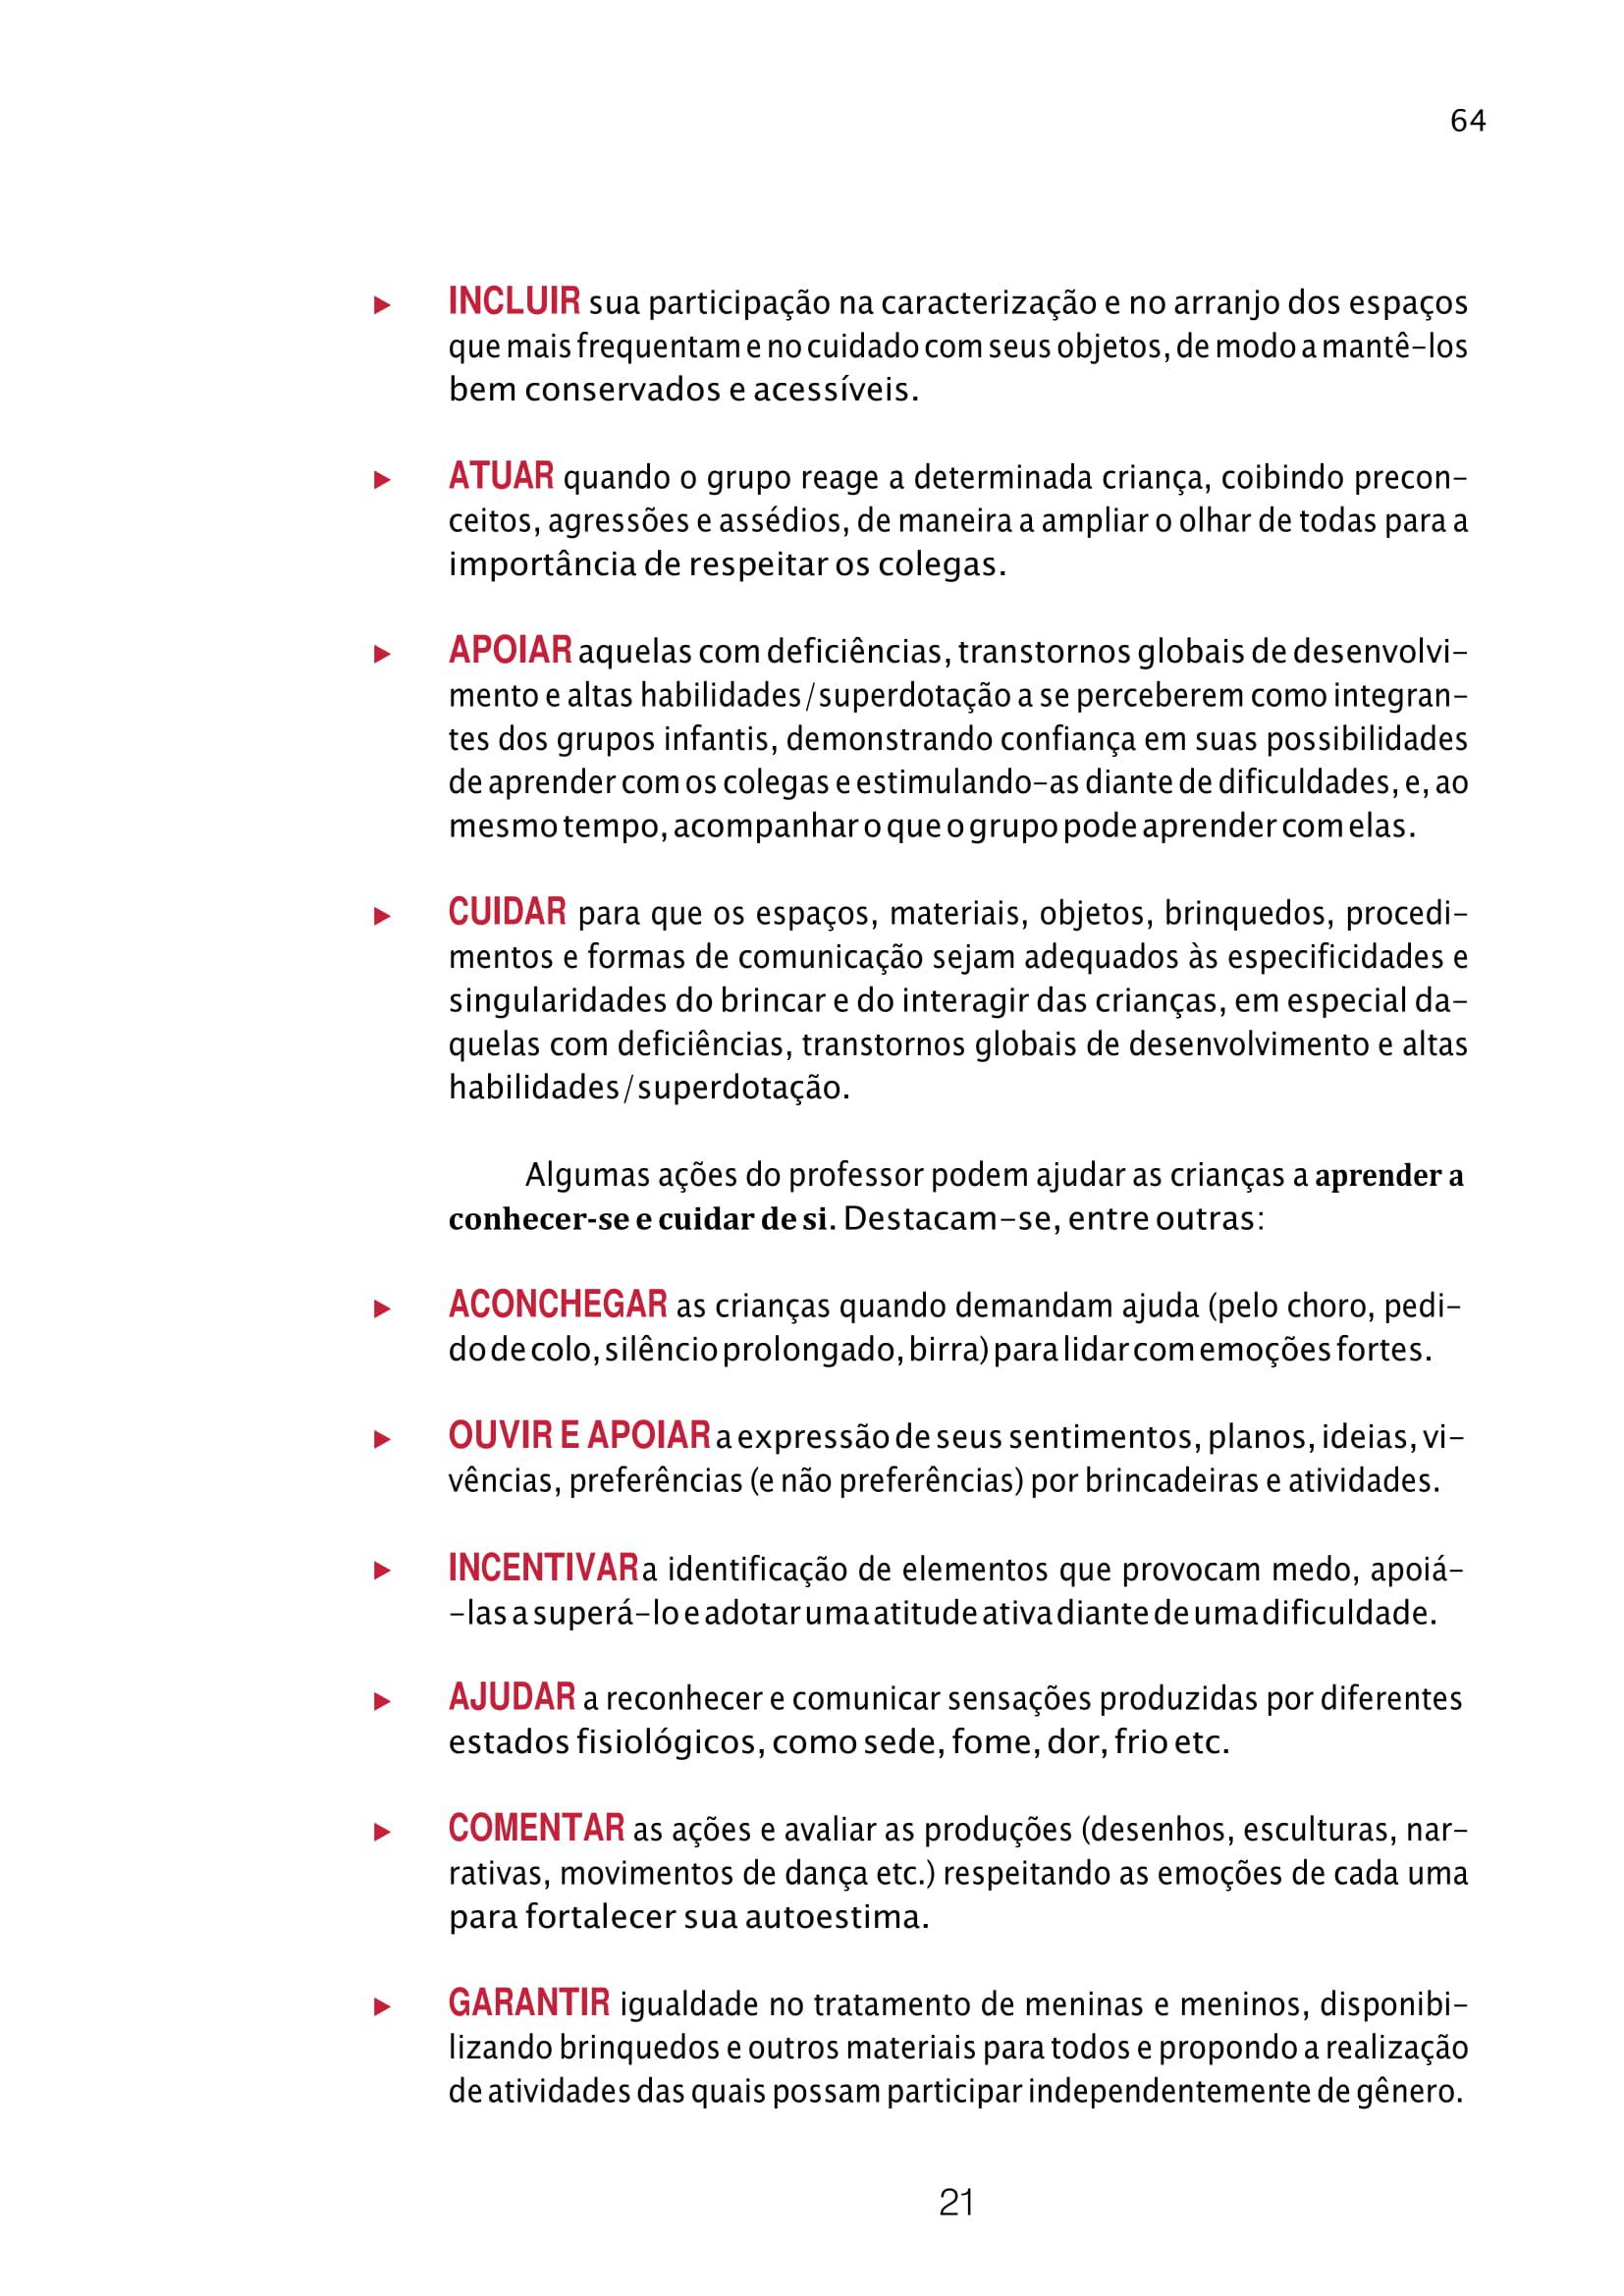 planejamento-educação-infantil-bncc-geral-94